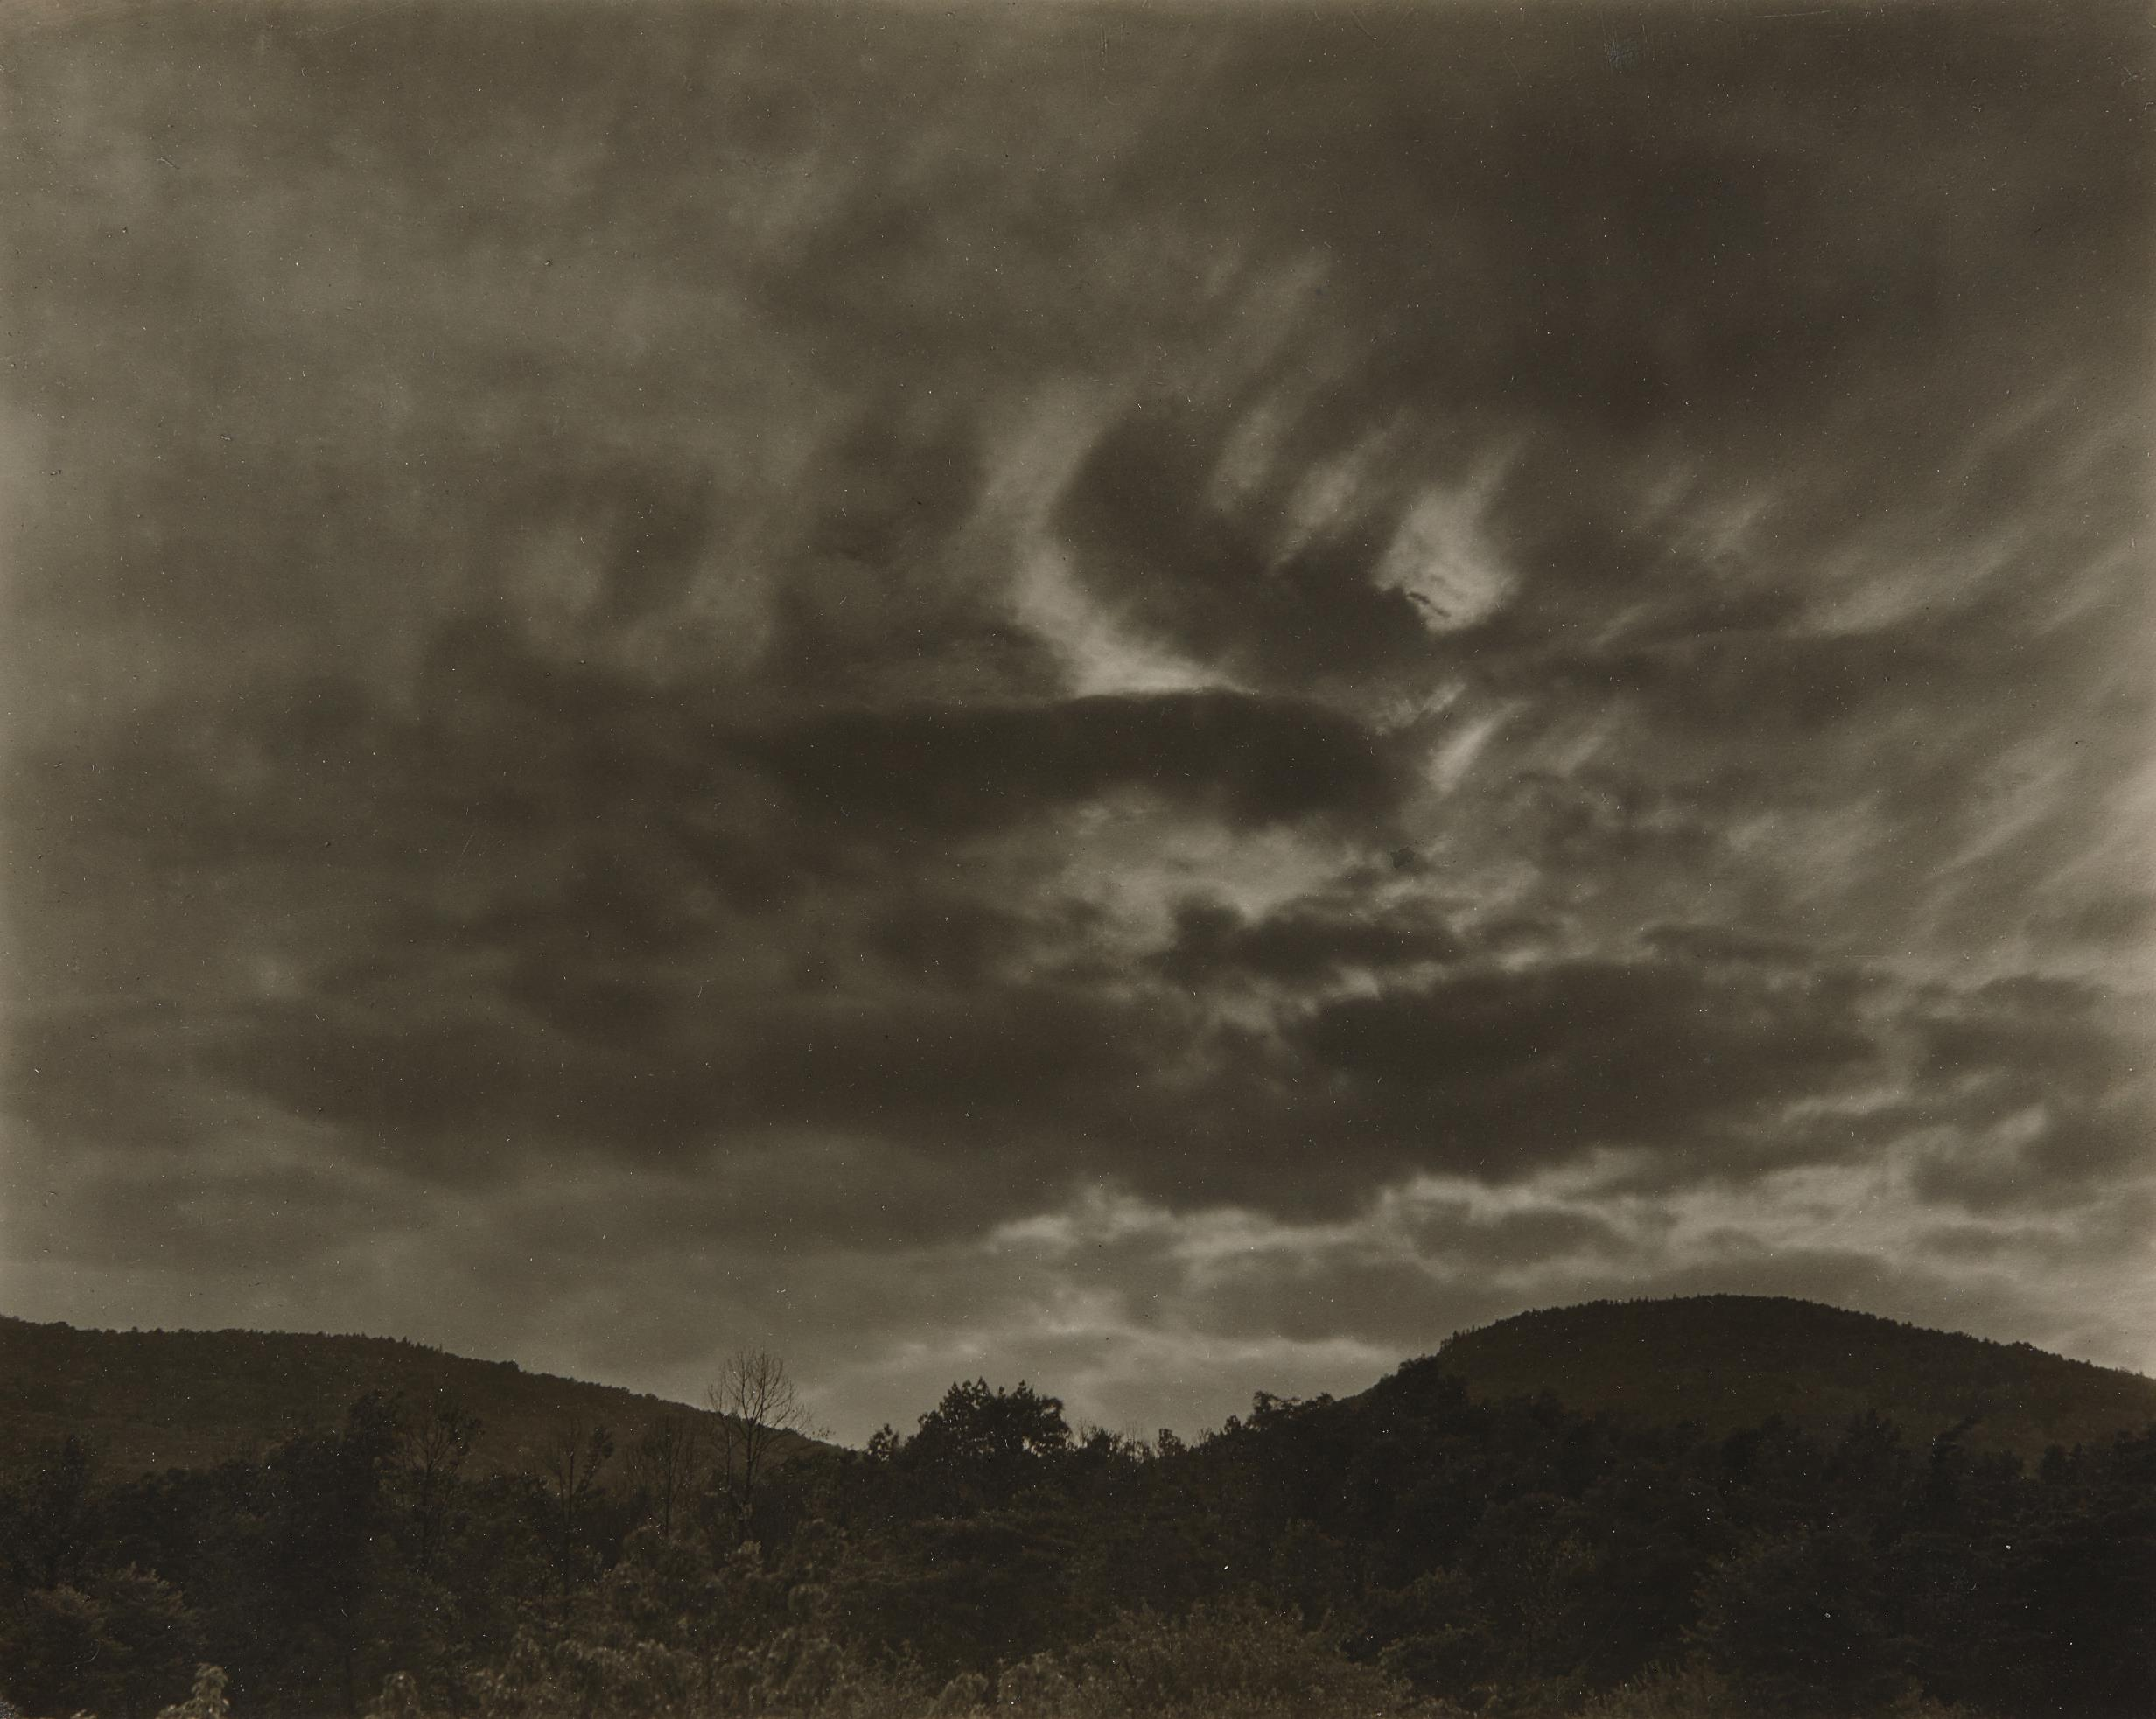 Alfred Stieglitz-Lake George-1922